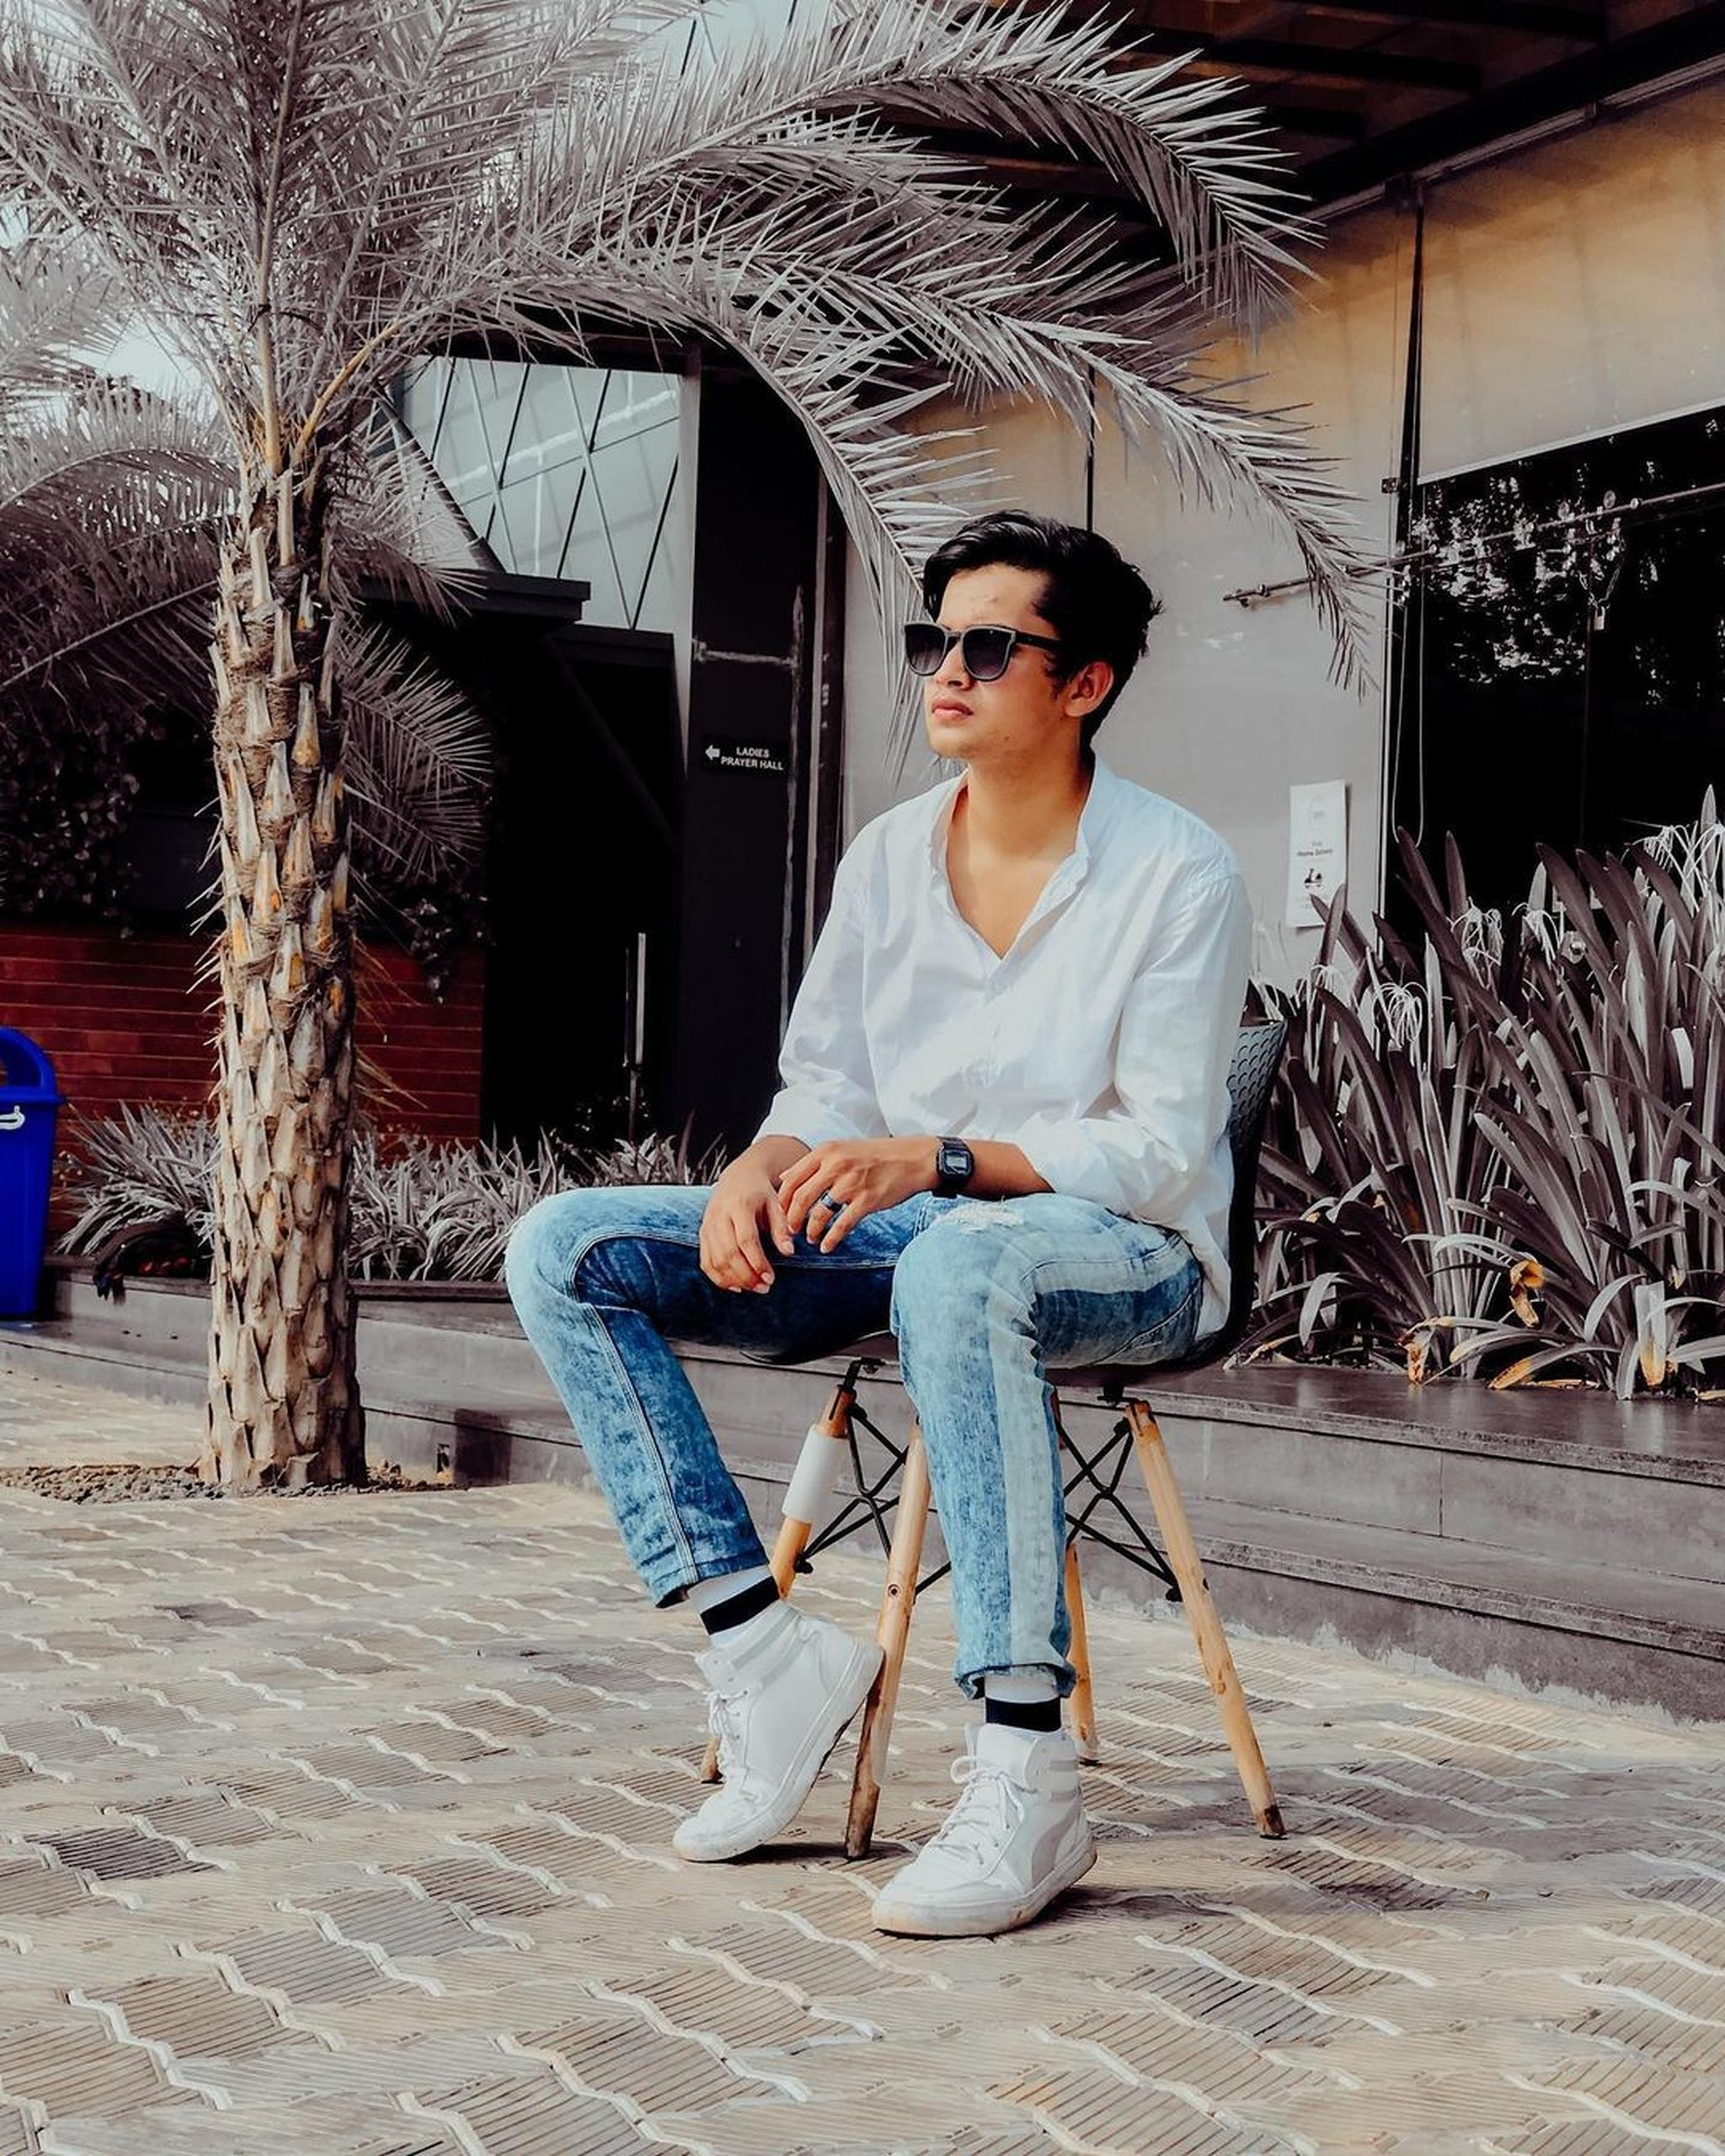 A boy sitting on a chair